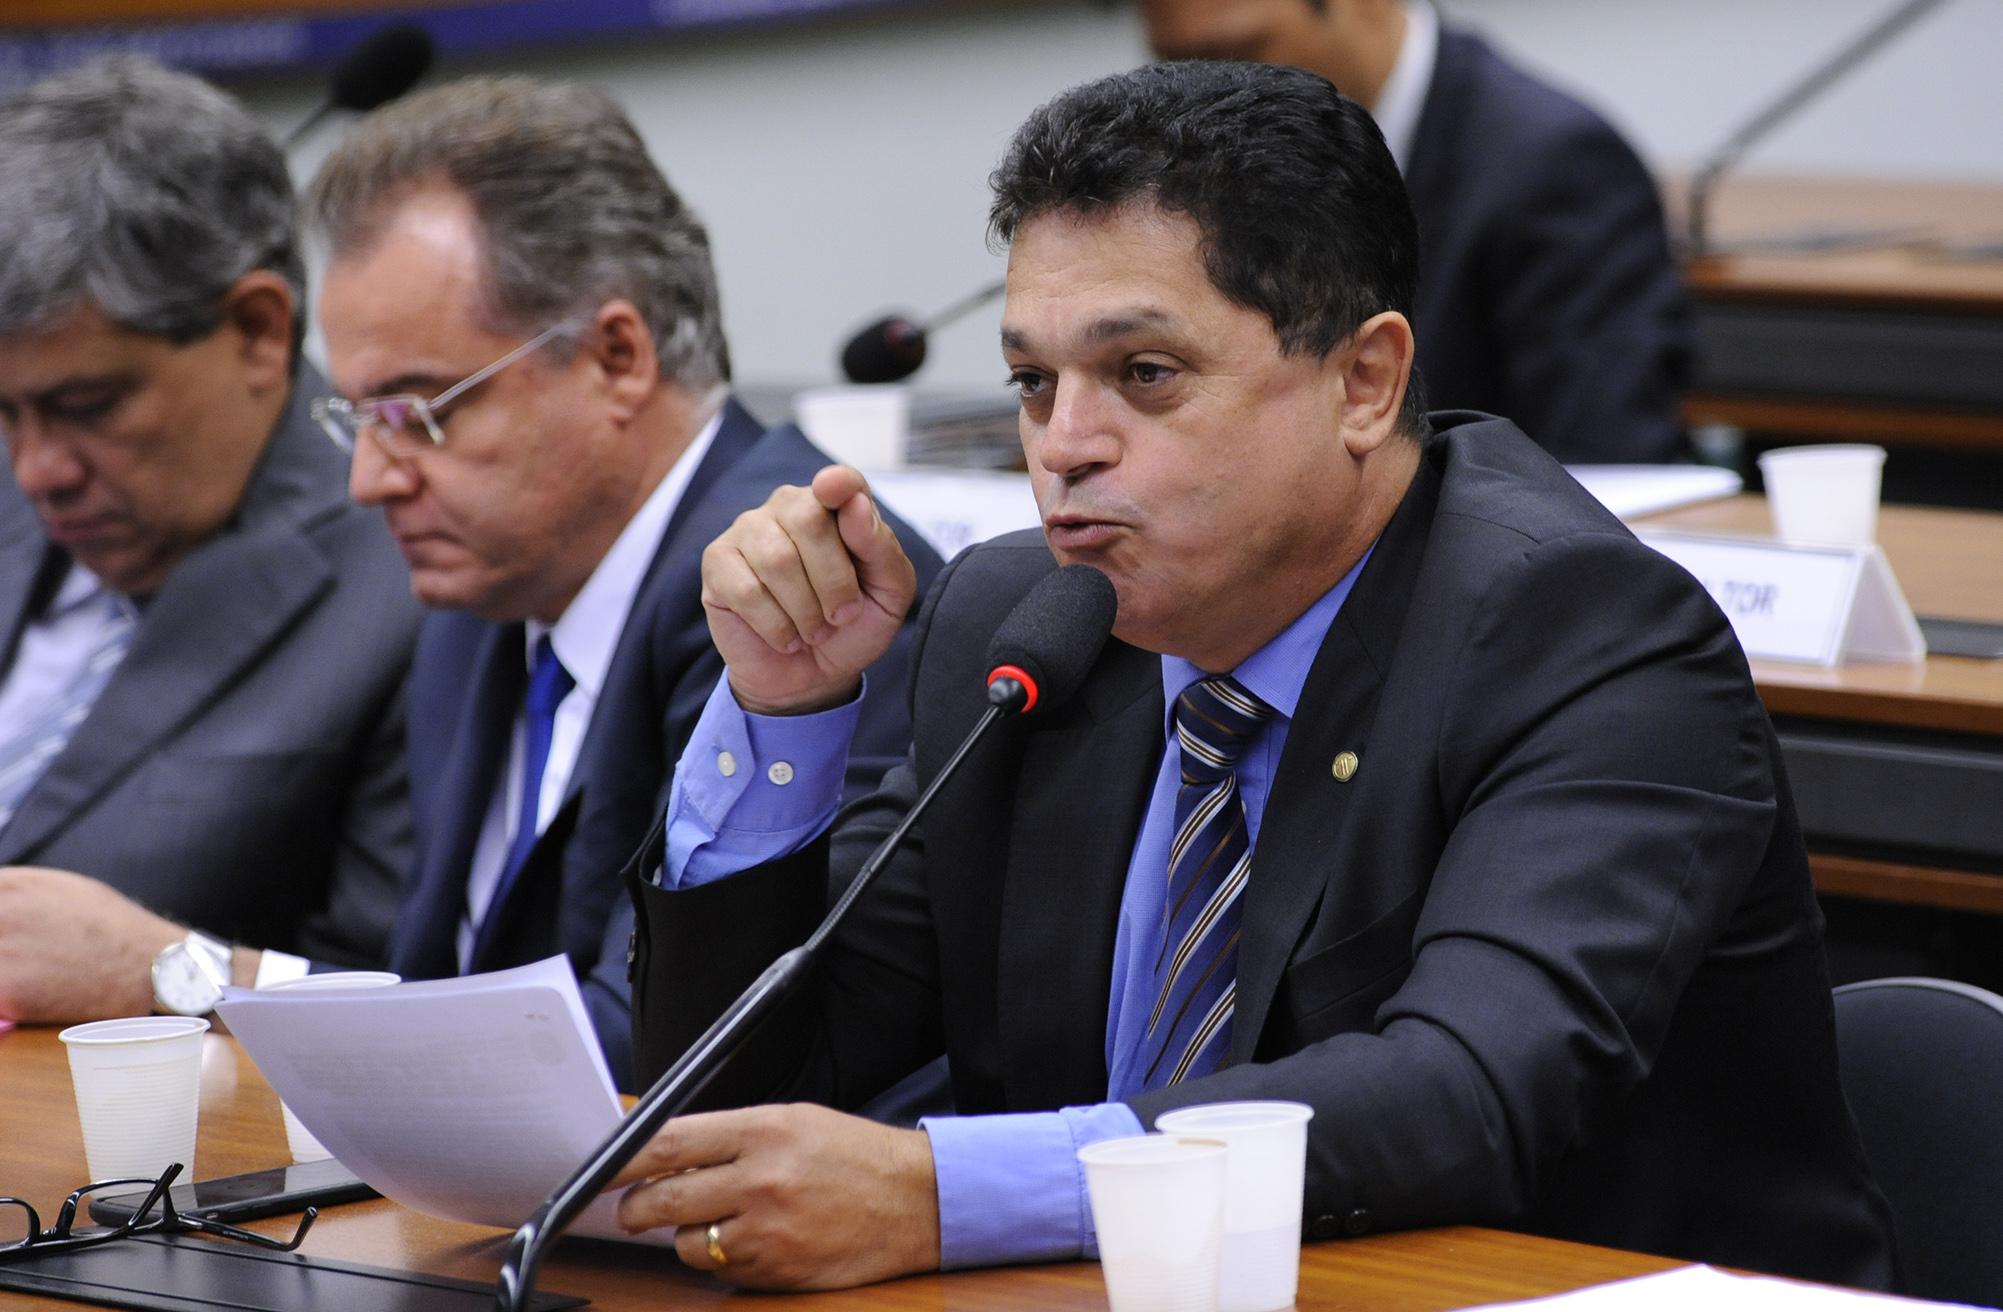 Audiência pública para tomada de depoimento do presidente do TRANDBANK, Adolpho Júlio da Silva Mello Neto. Dep. João Rodrigues (PSD-SC)